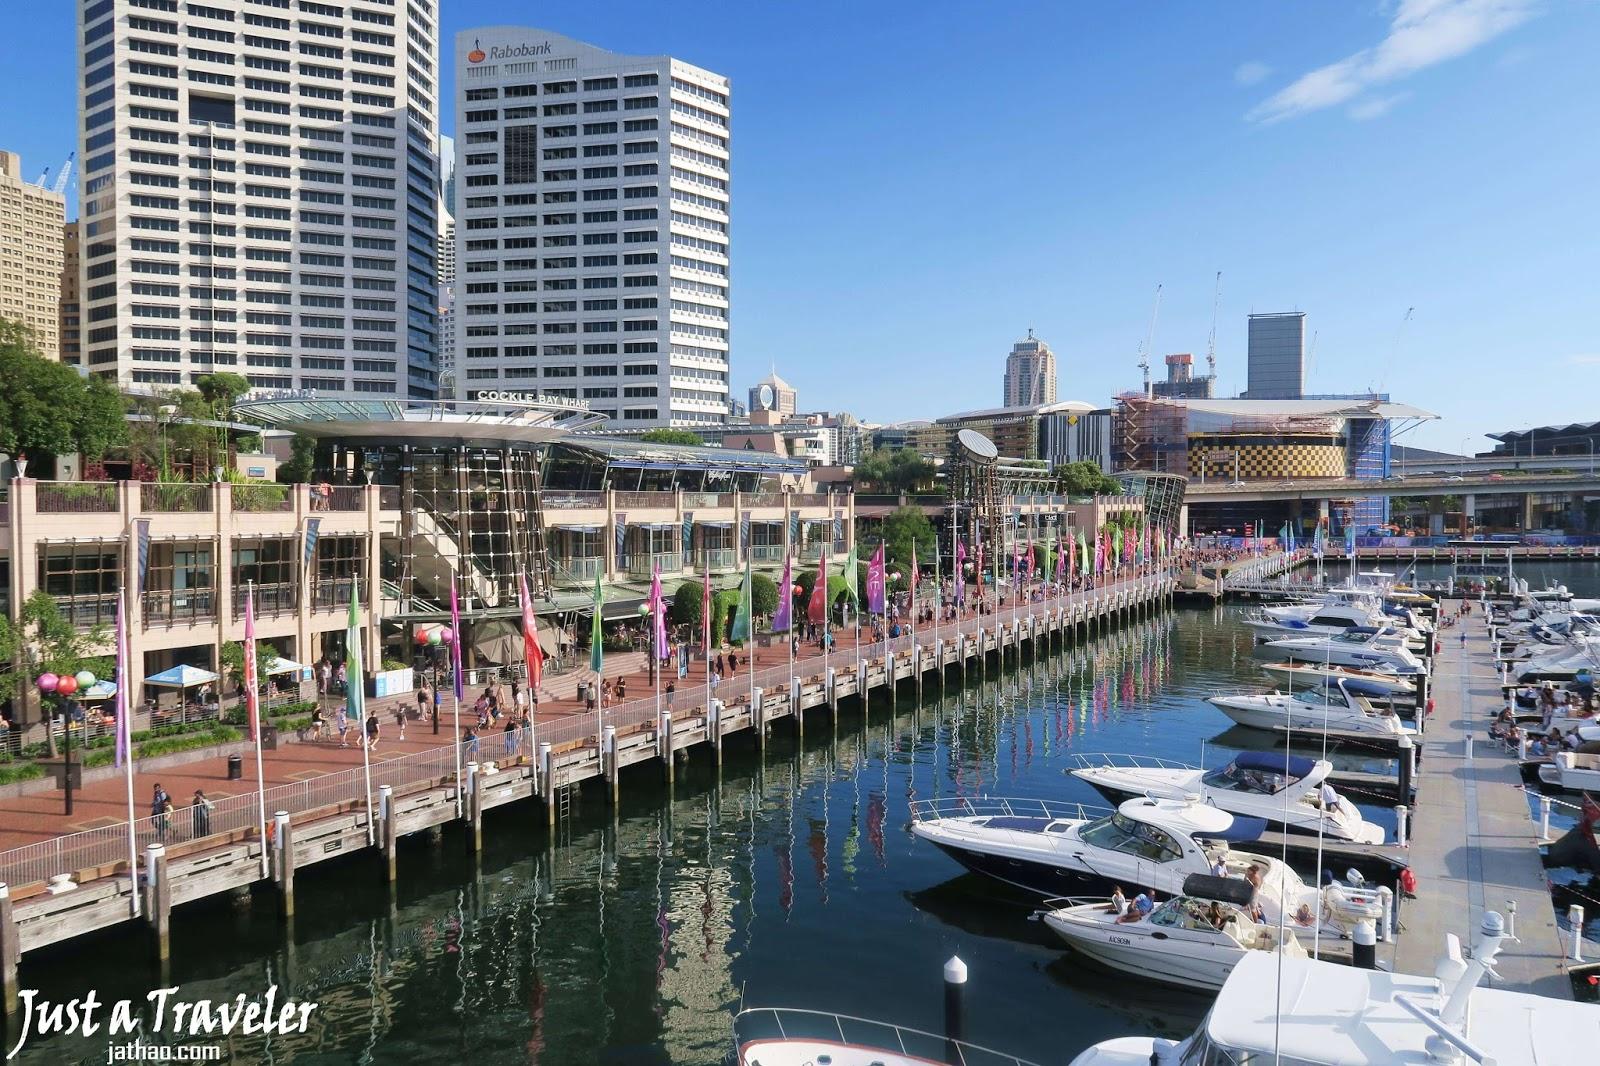 雪梨-景點-推薦-達令港-情人港-旅遊-自由行-澳洲-Sydney-Darling-Harbour-Travel-Australia